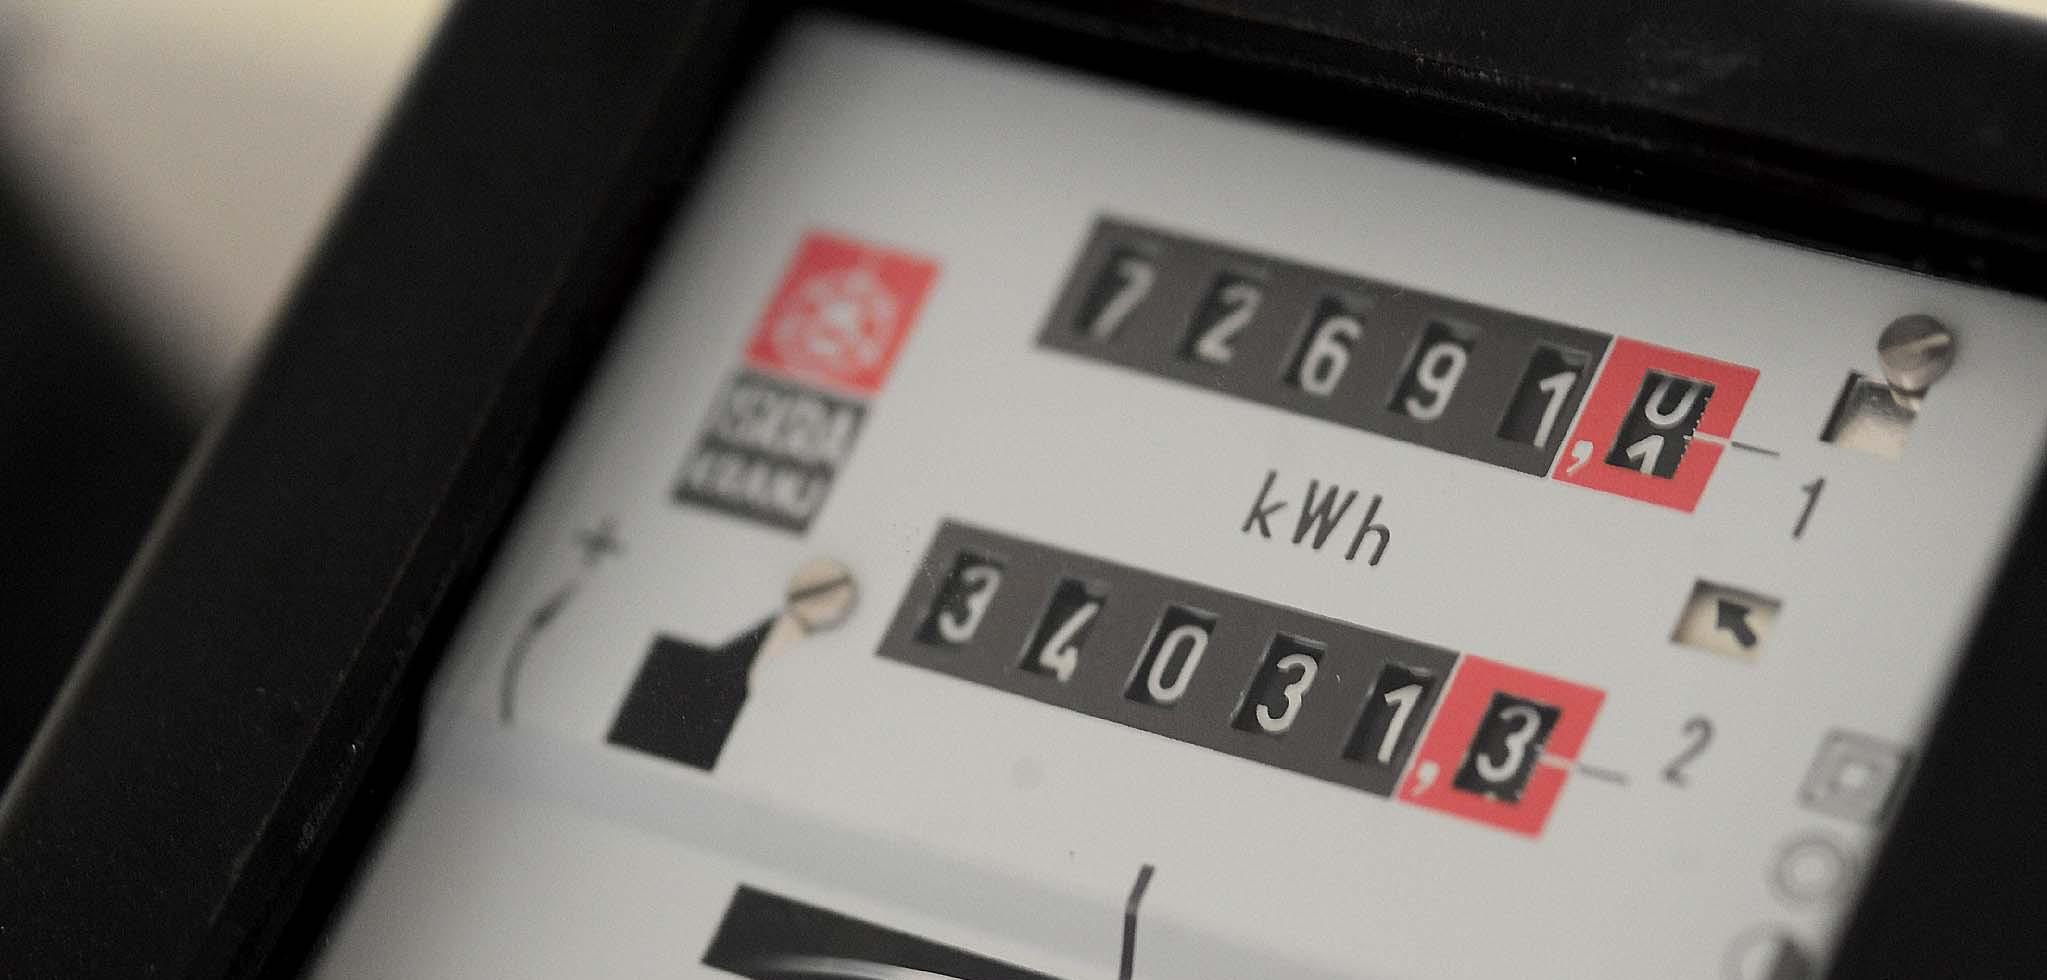 Zbog ljetnog računanja vremena dolazi do promjene u satnici jeftinije i skuplje struje